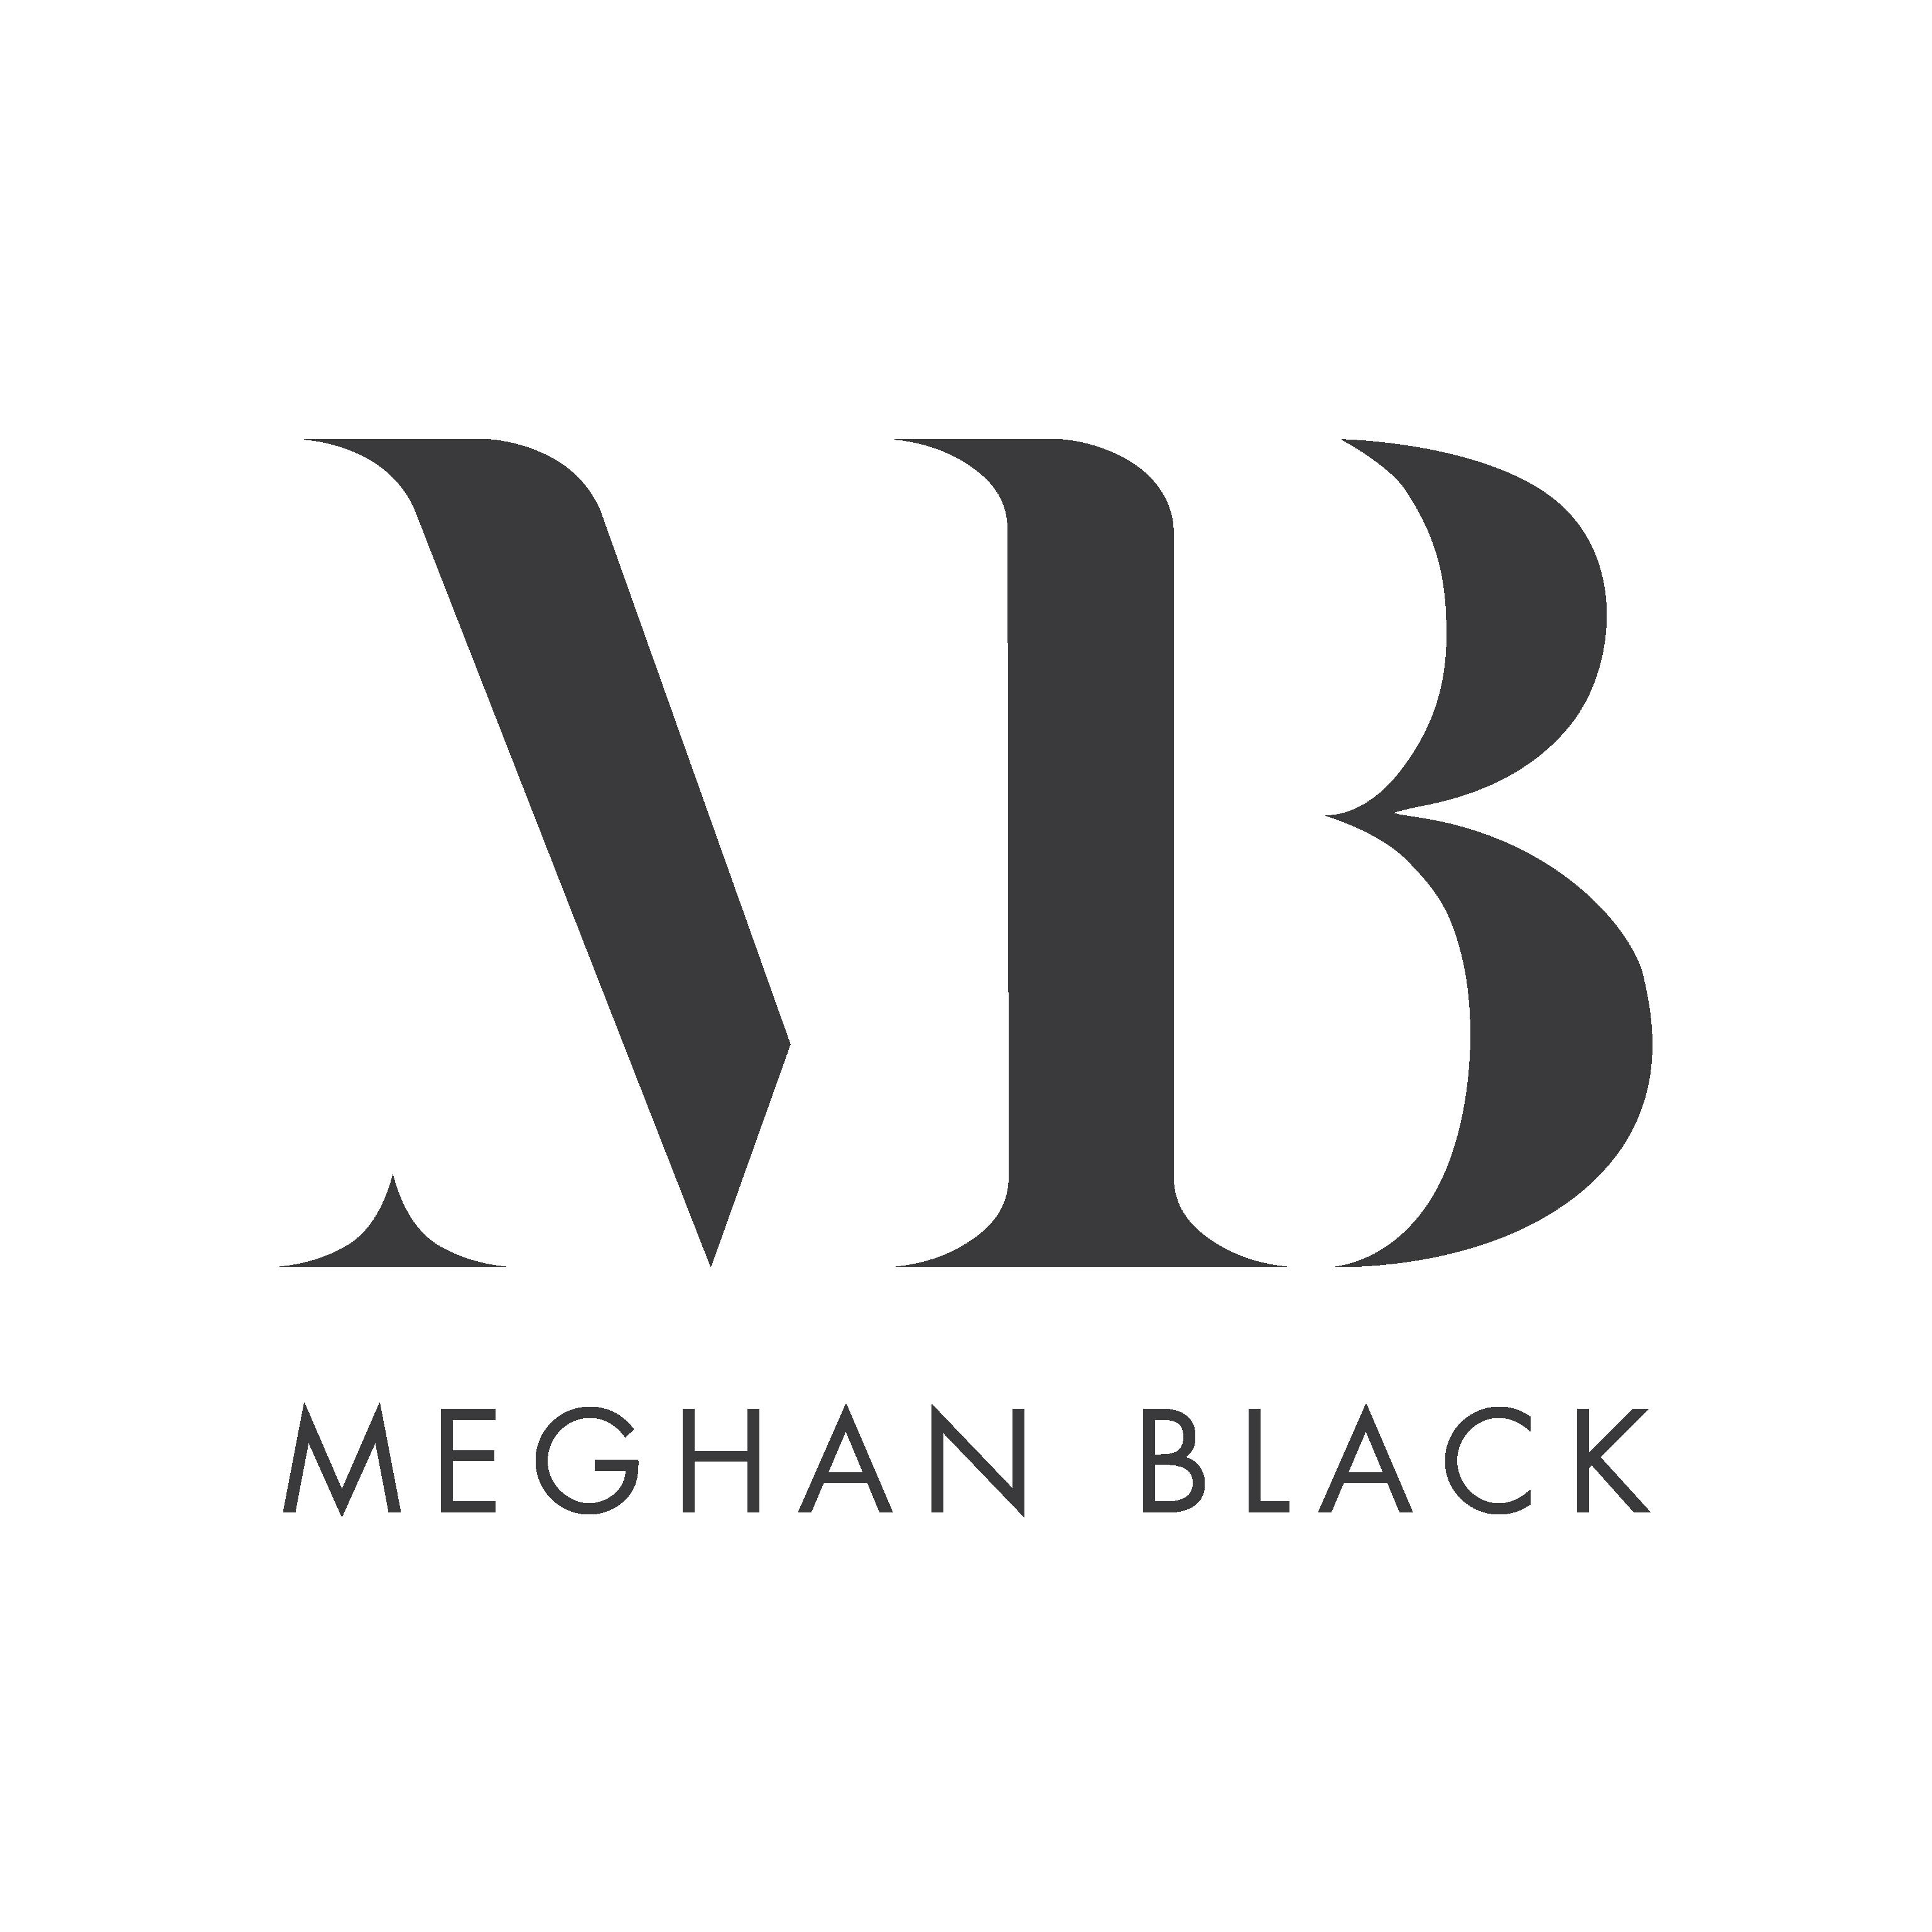 Meghan Black